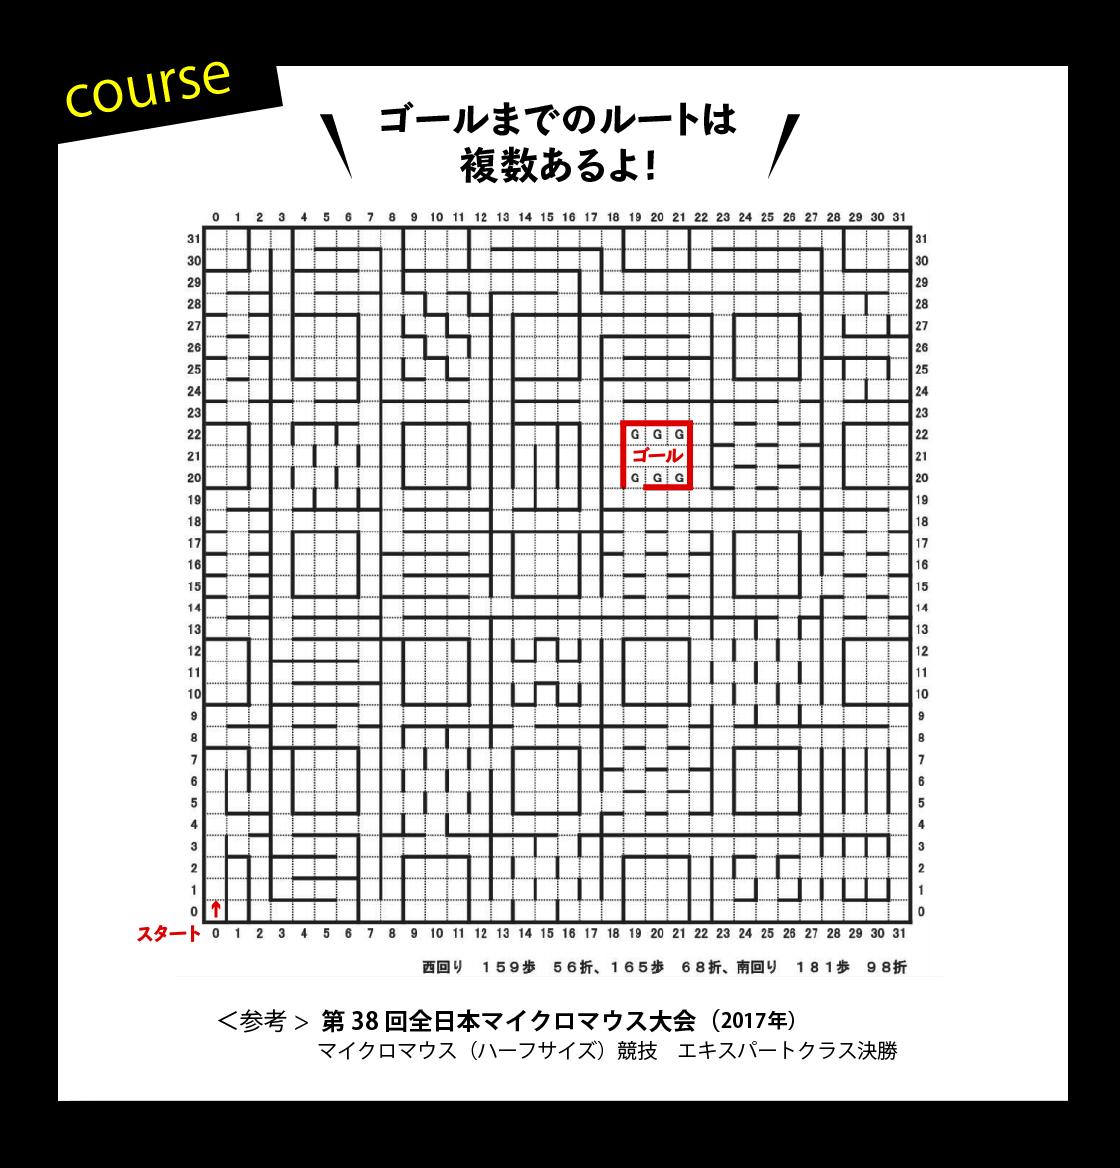 第38回全日本マイクロマウス大会(2017年)マイクロマウス(ハーフサイズ)競技、エキスパートクラス決勝の迷路